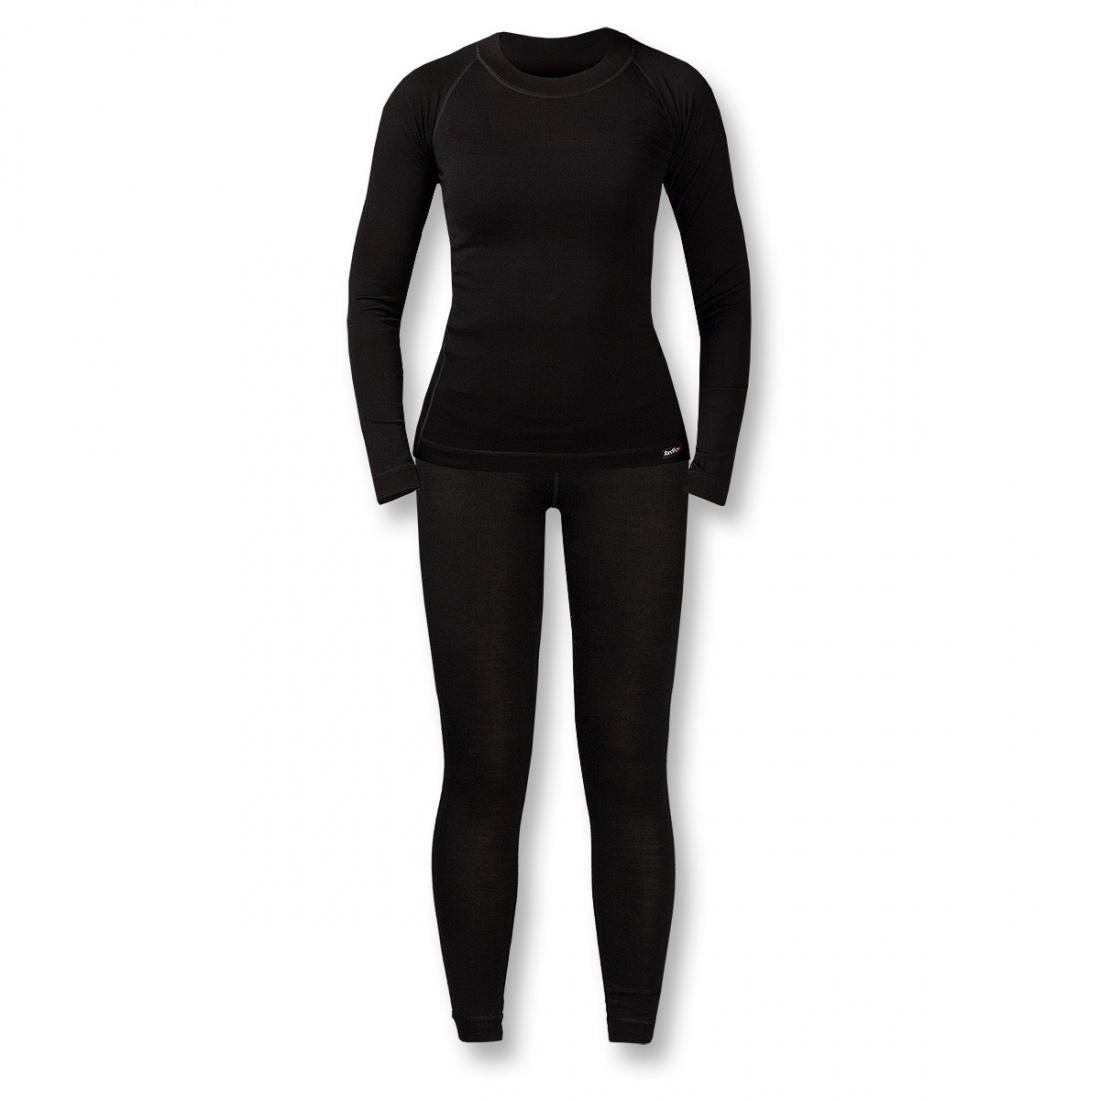 Термобелье костюм Wool Dry Light ЖенскийКомплекты<br><br> Тончайшее термобелье для женщин из мериносовой шерсти: оно достаточно теплое и пуловер можно носить как самостоятельный элемент одежды.В качестве базового слоя костюм прекрасно подходит для занятий спортом в холодную погоду зимой.<br><br><br> Ос...<br><br>Цвет: Черный<br>Размер: 50